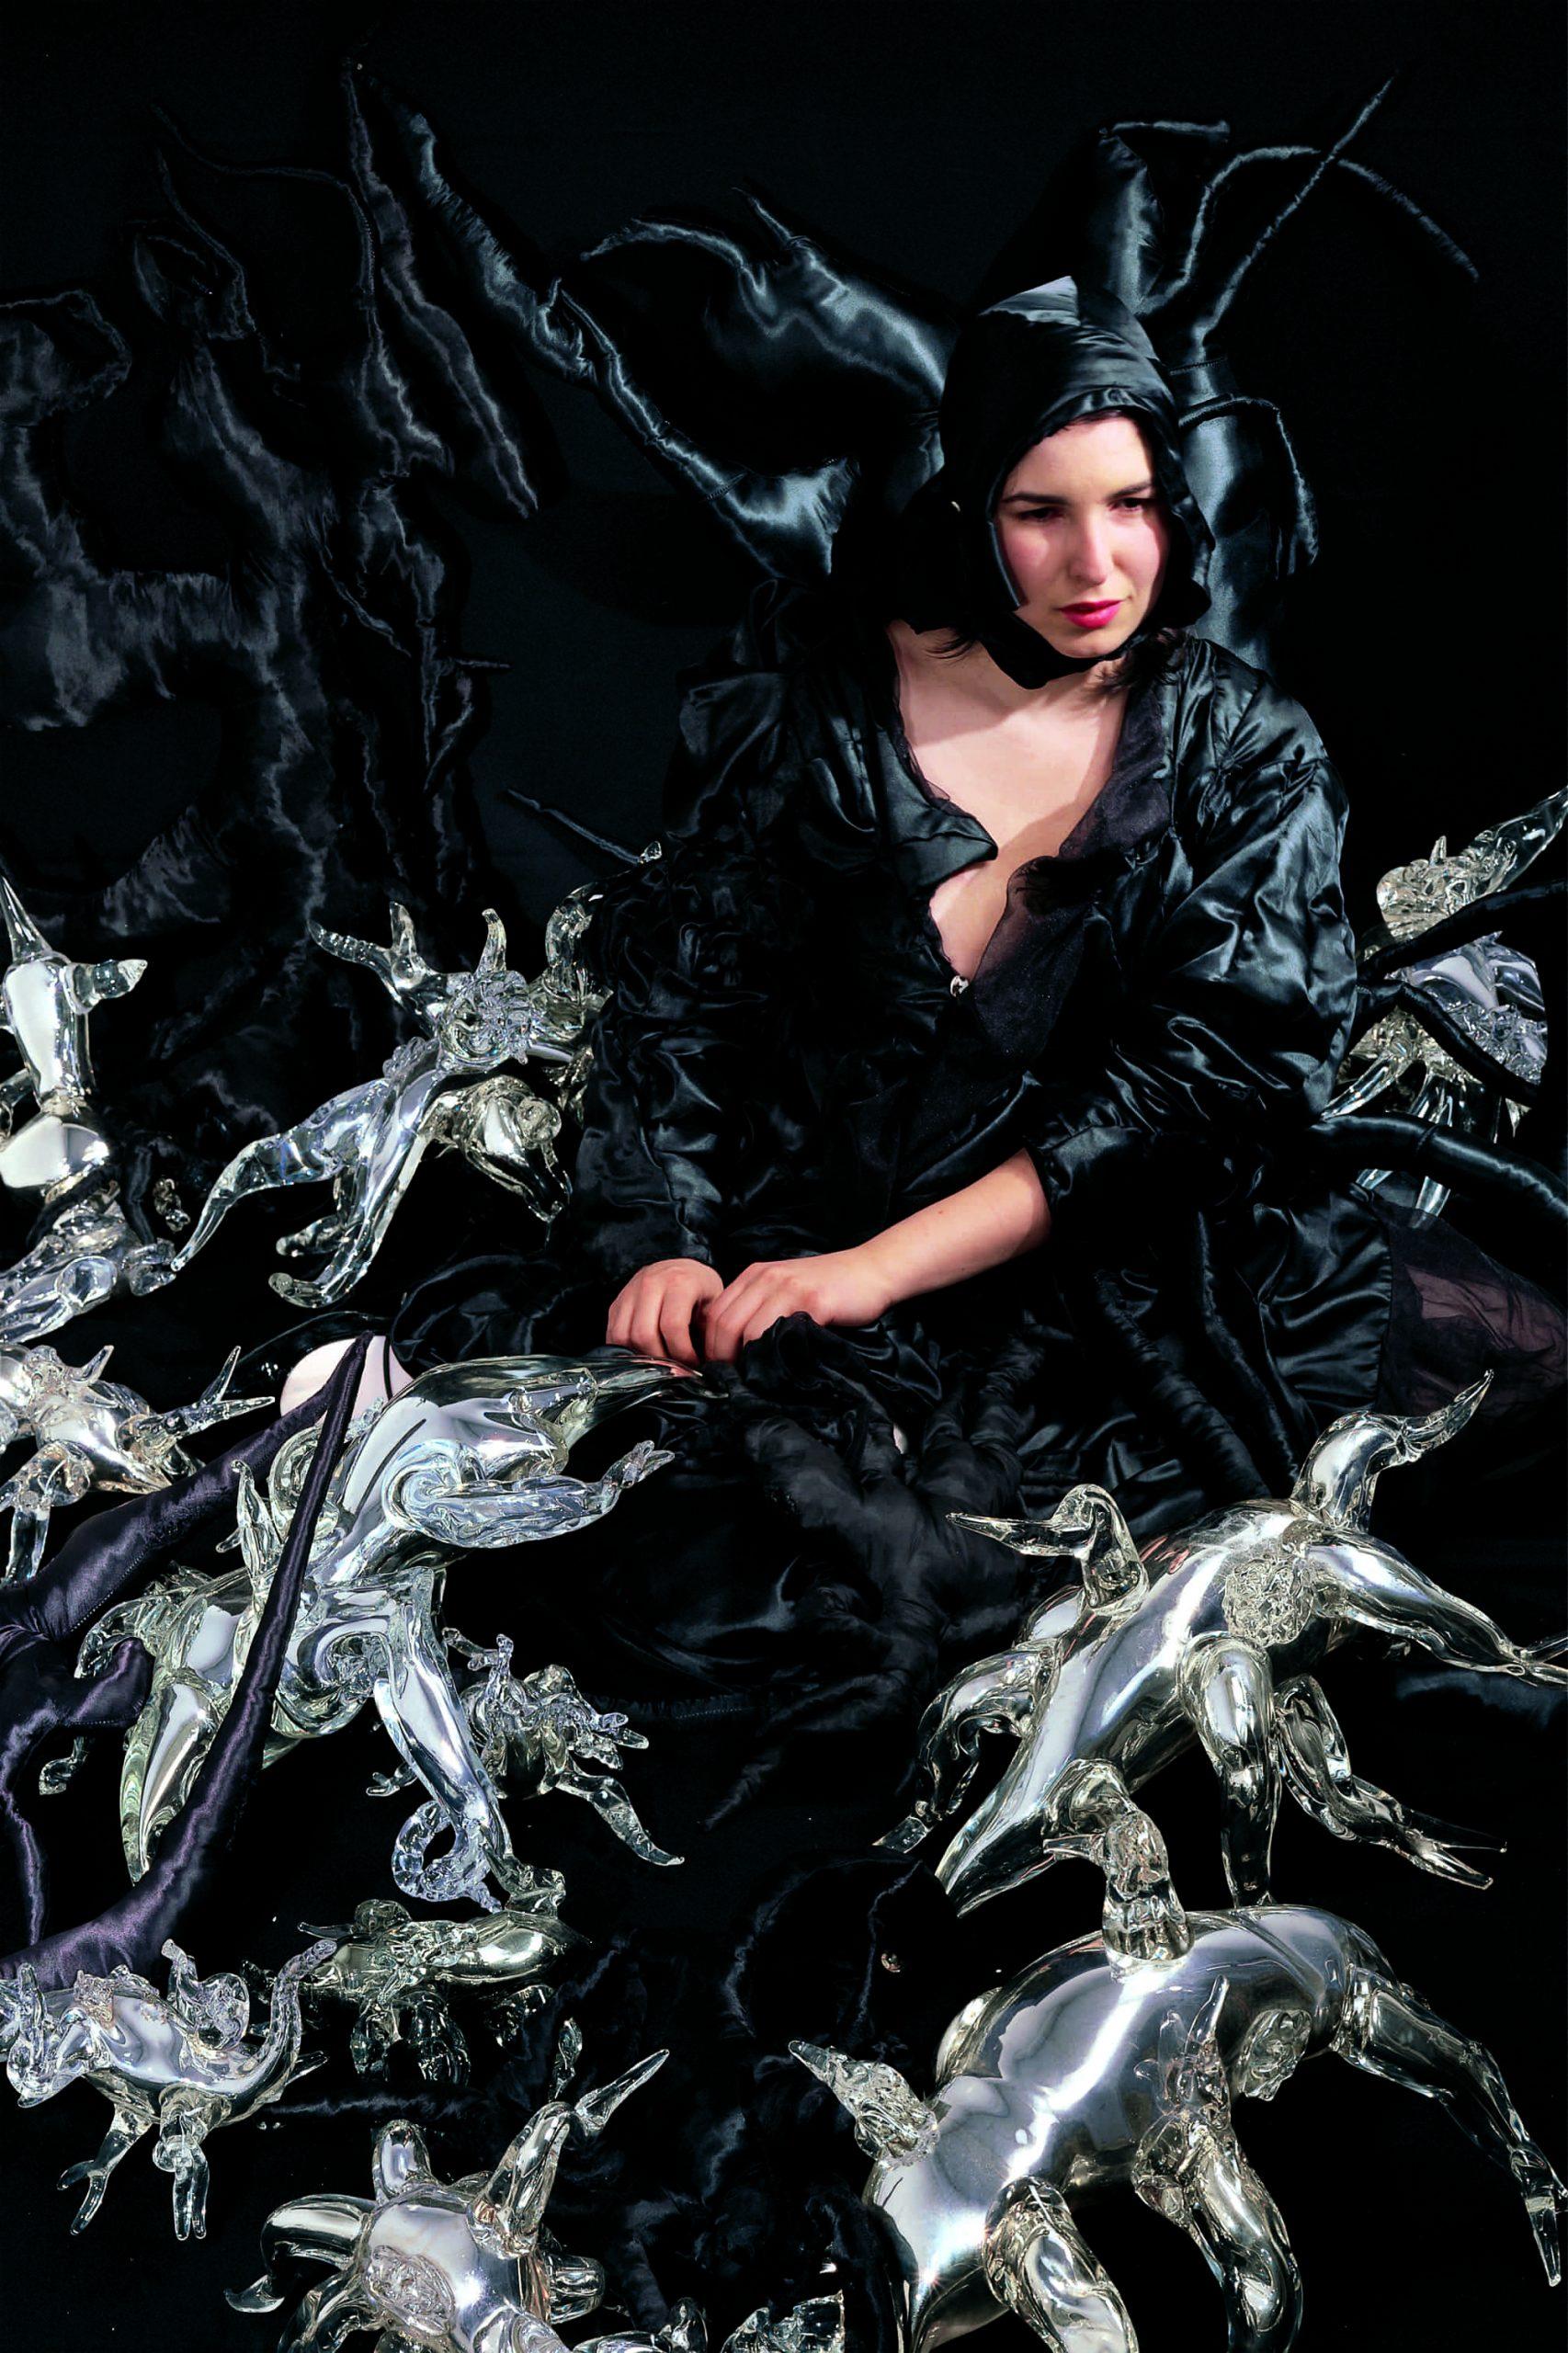 Marya Kazoun's Self-Portrait